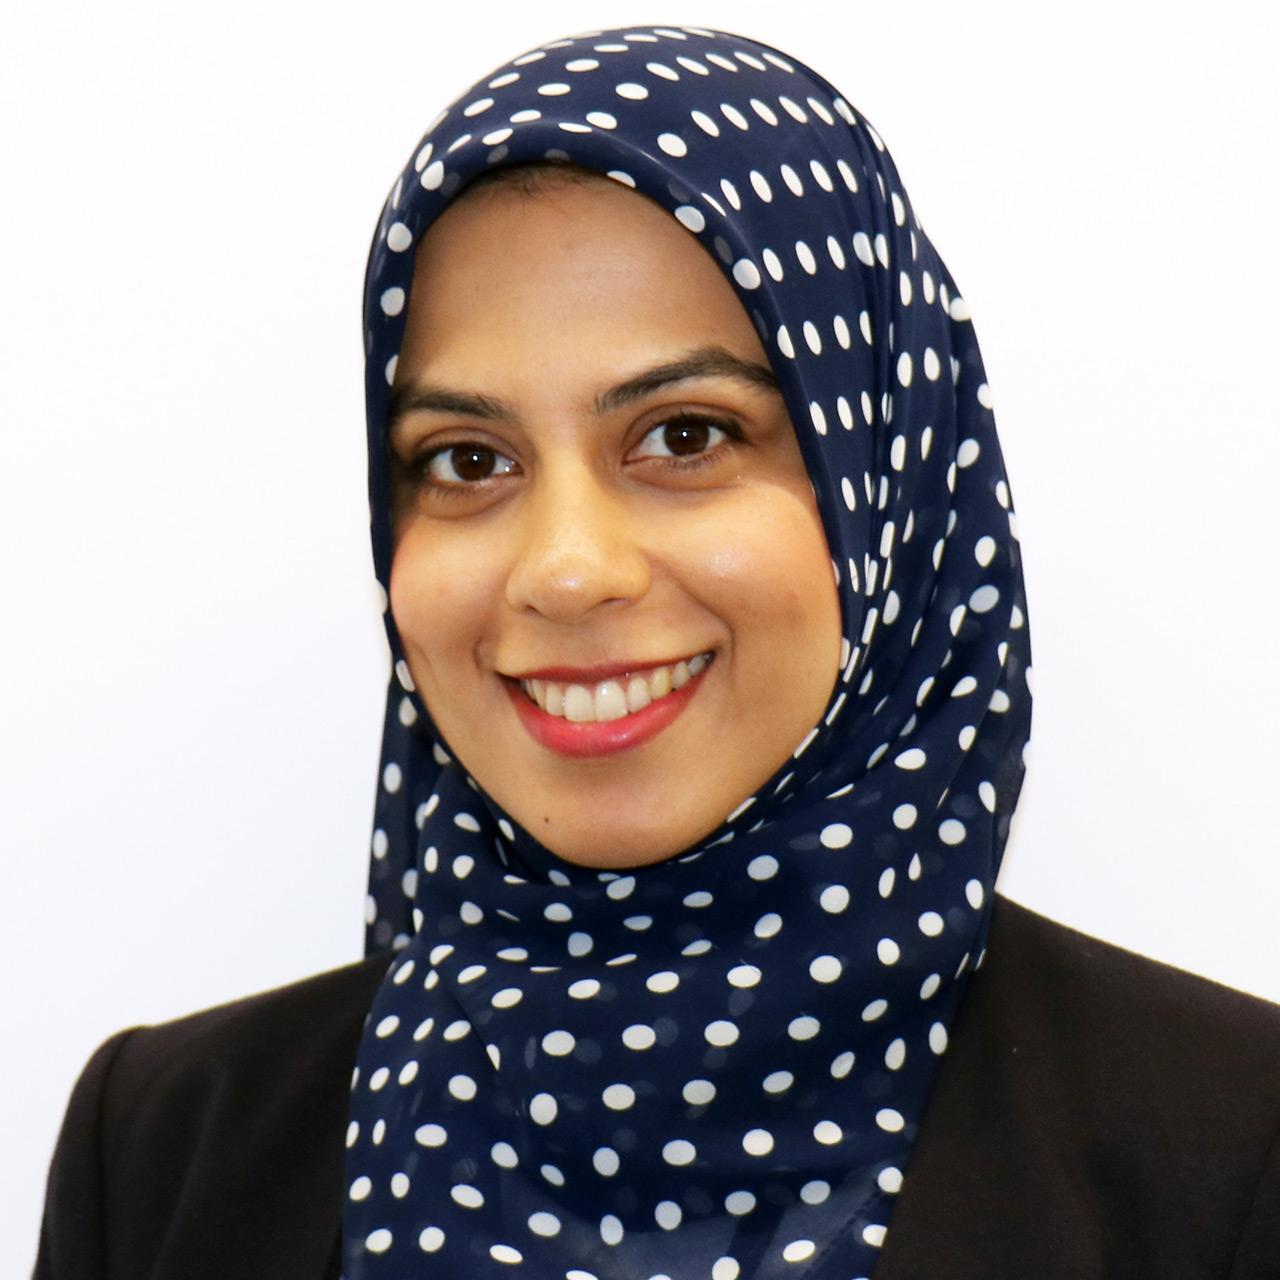 Sofia Ahmed